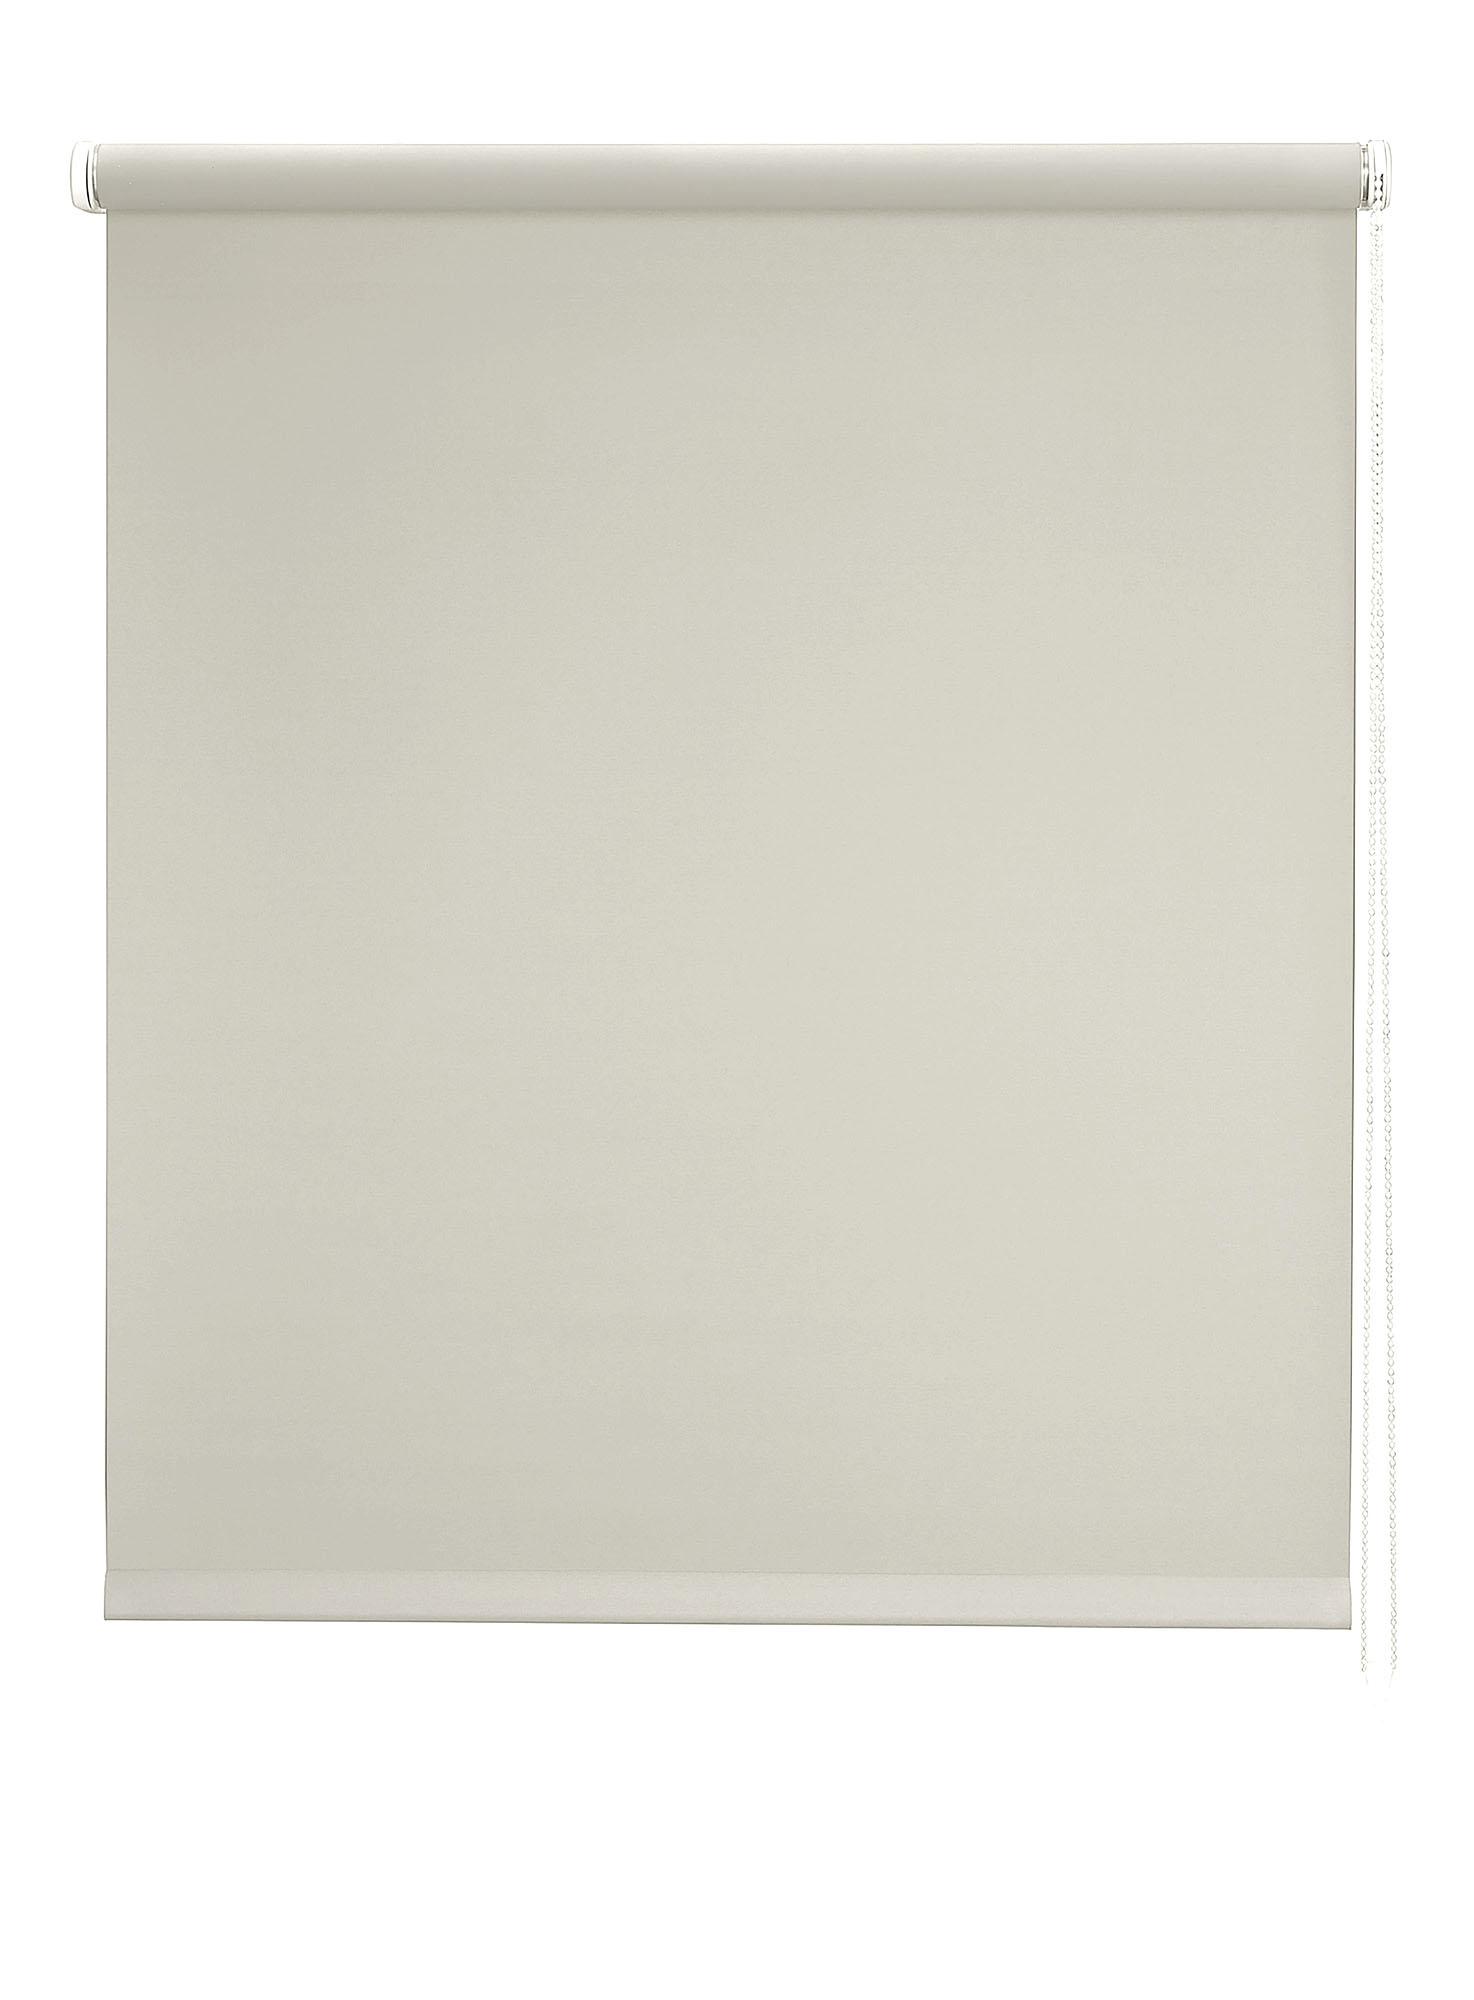 Store enrouleur Translucide - Écru - 105 x 250 cm